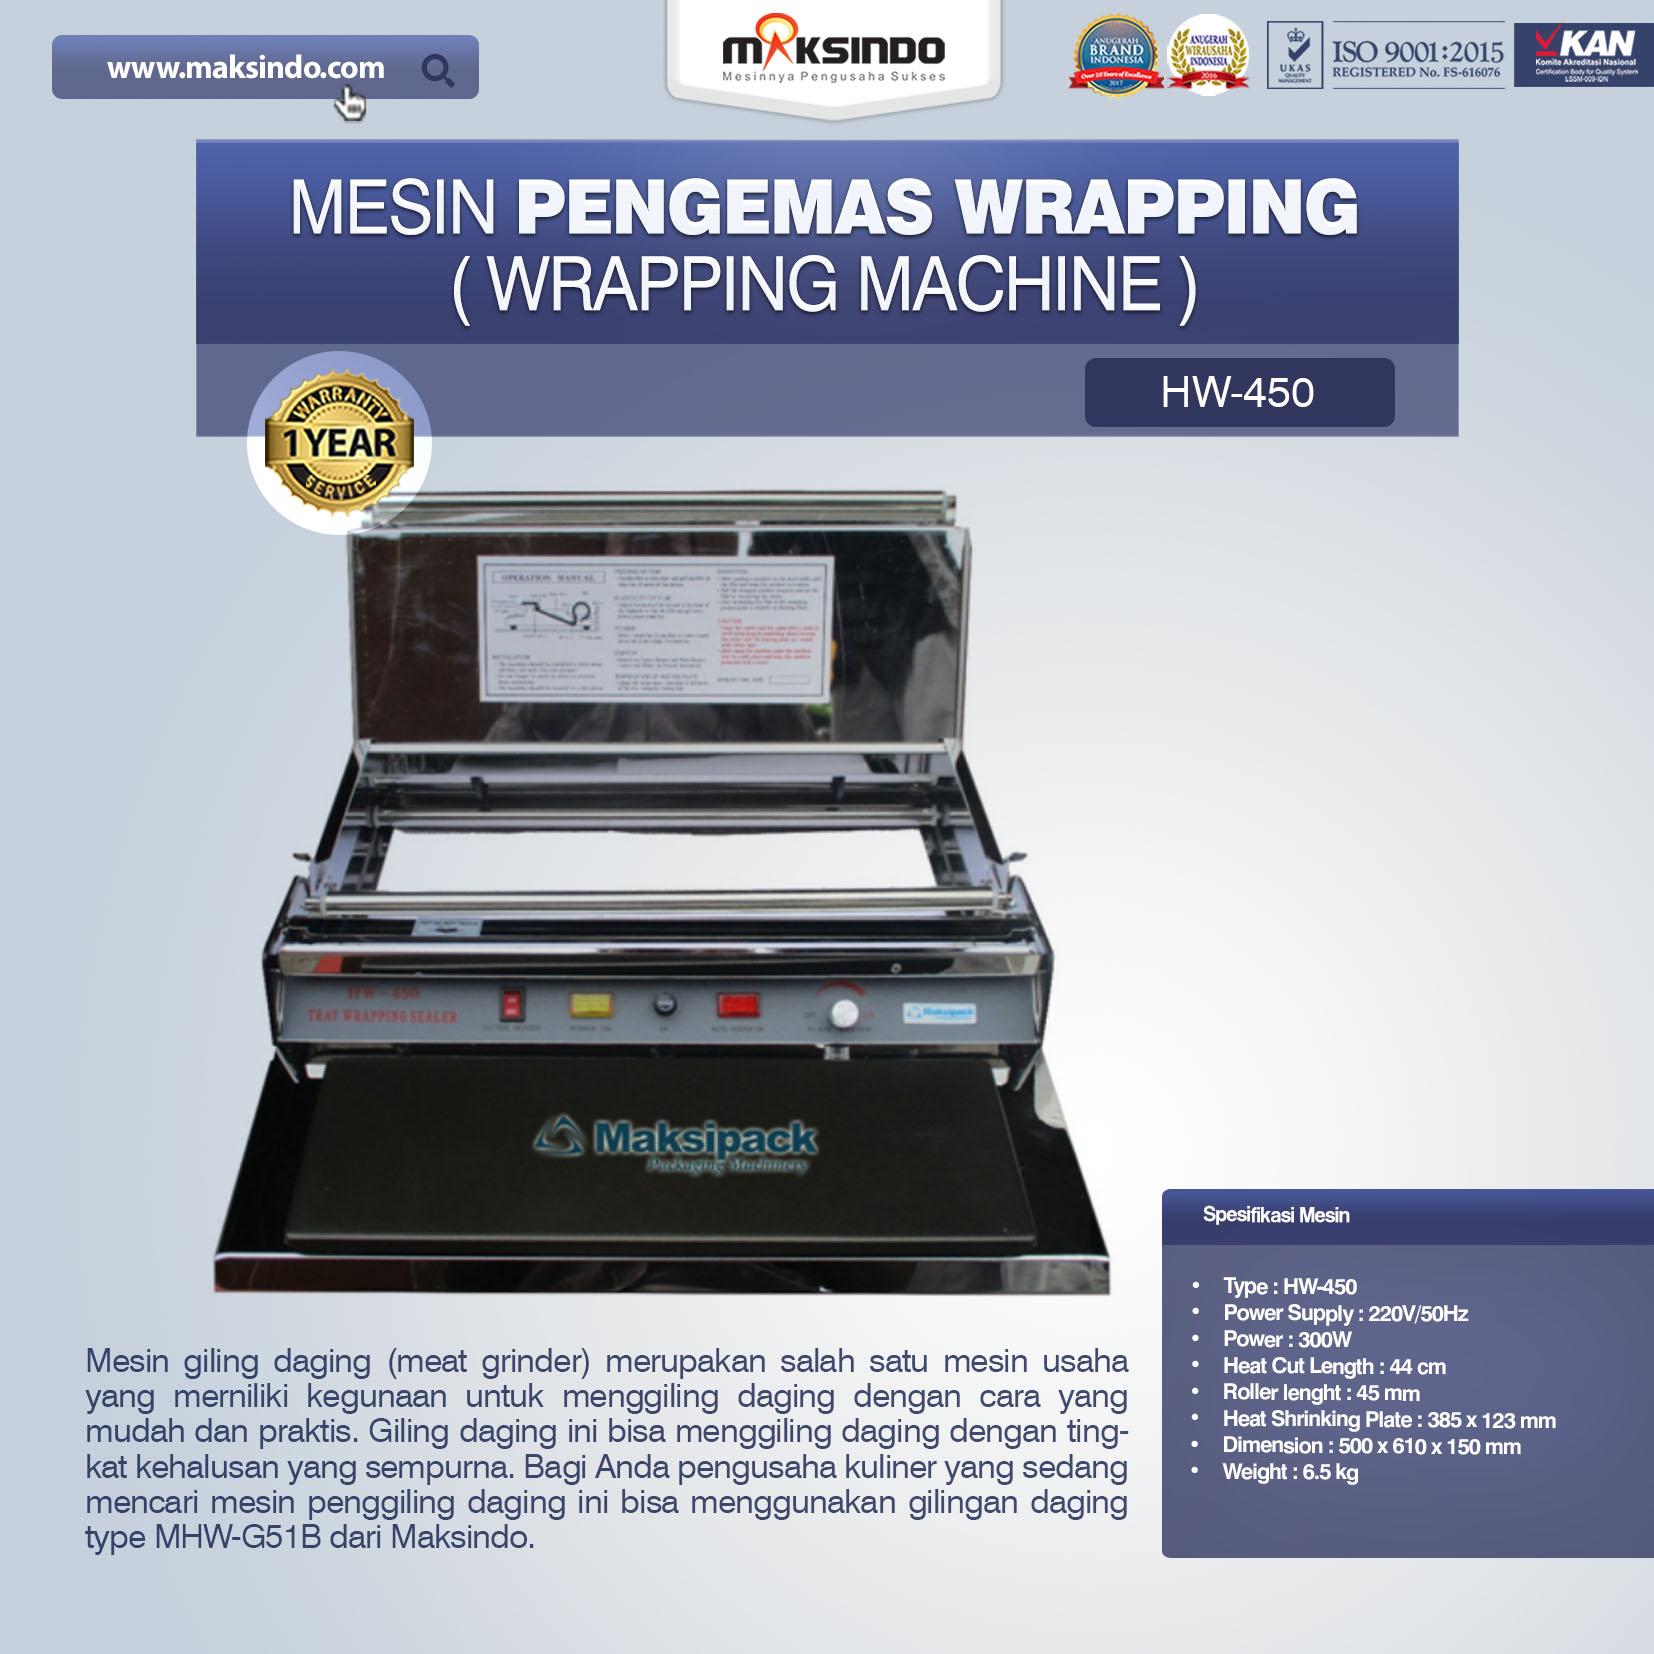 Jual Mesin Pengemas Wrapping di Jakarta